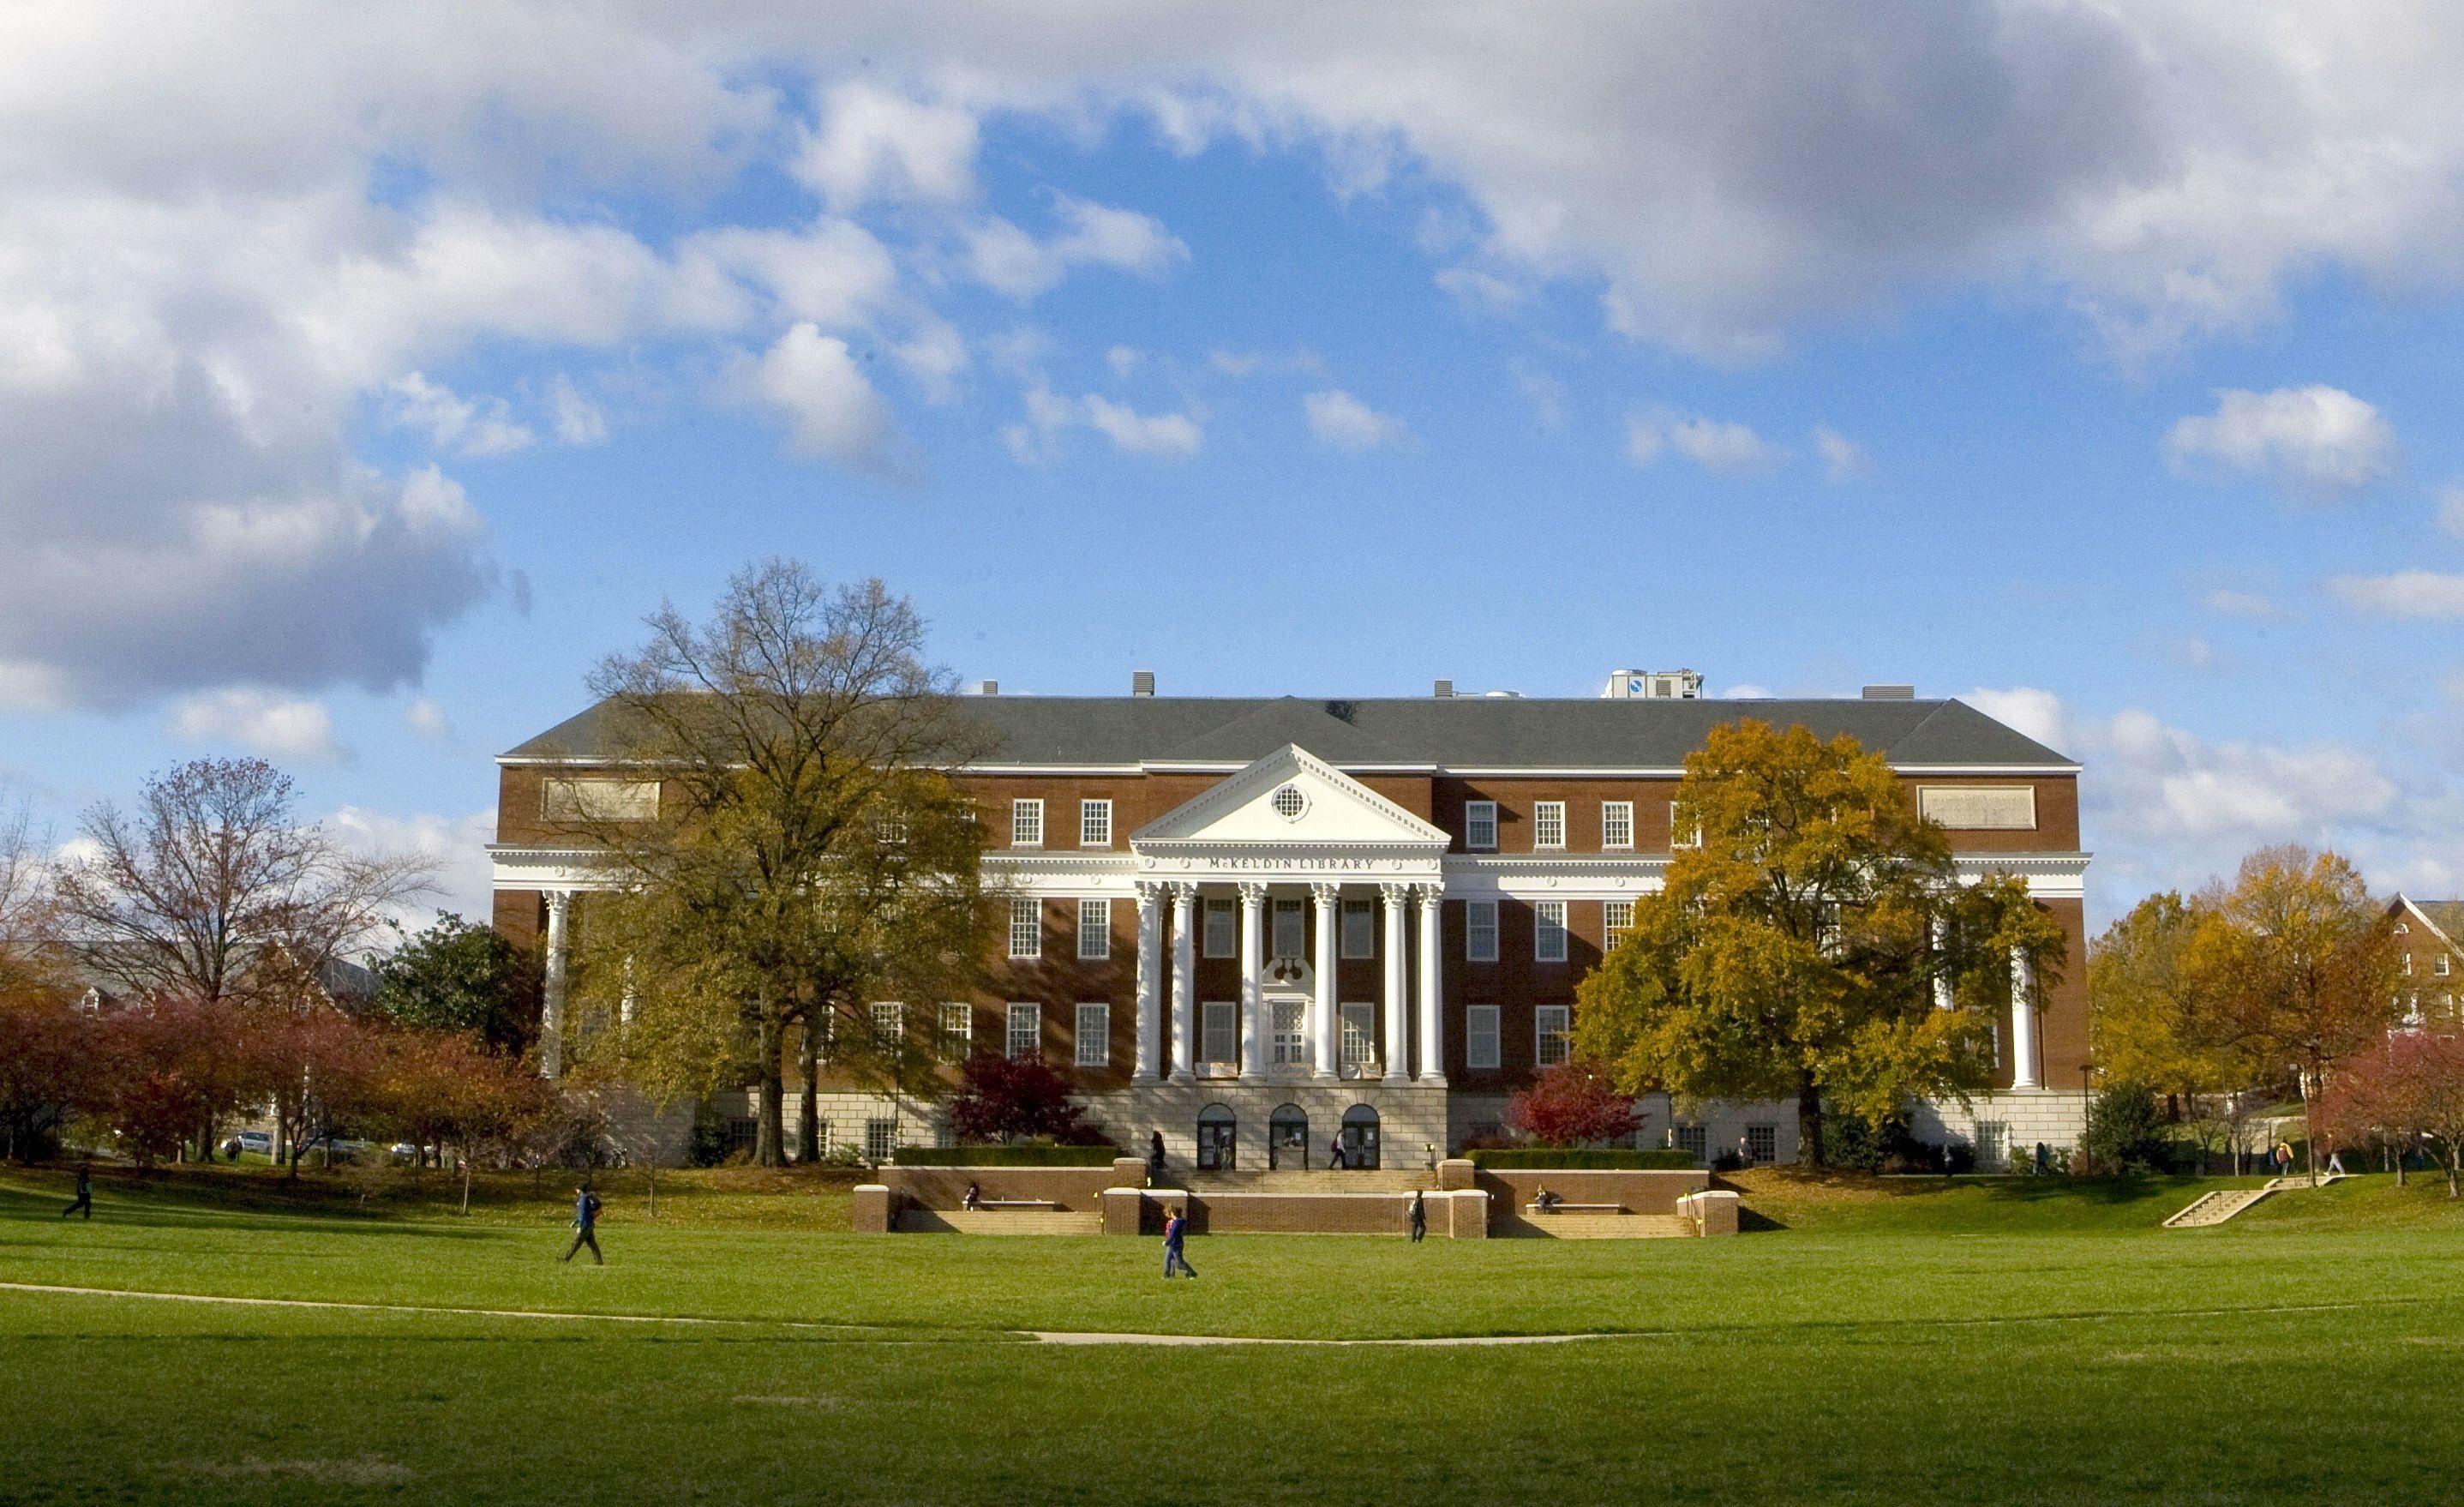 UMD馬里蘭大學 - 位於華盛頓都會區的優質公立大學